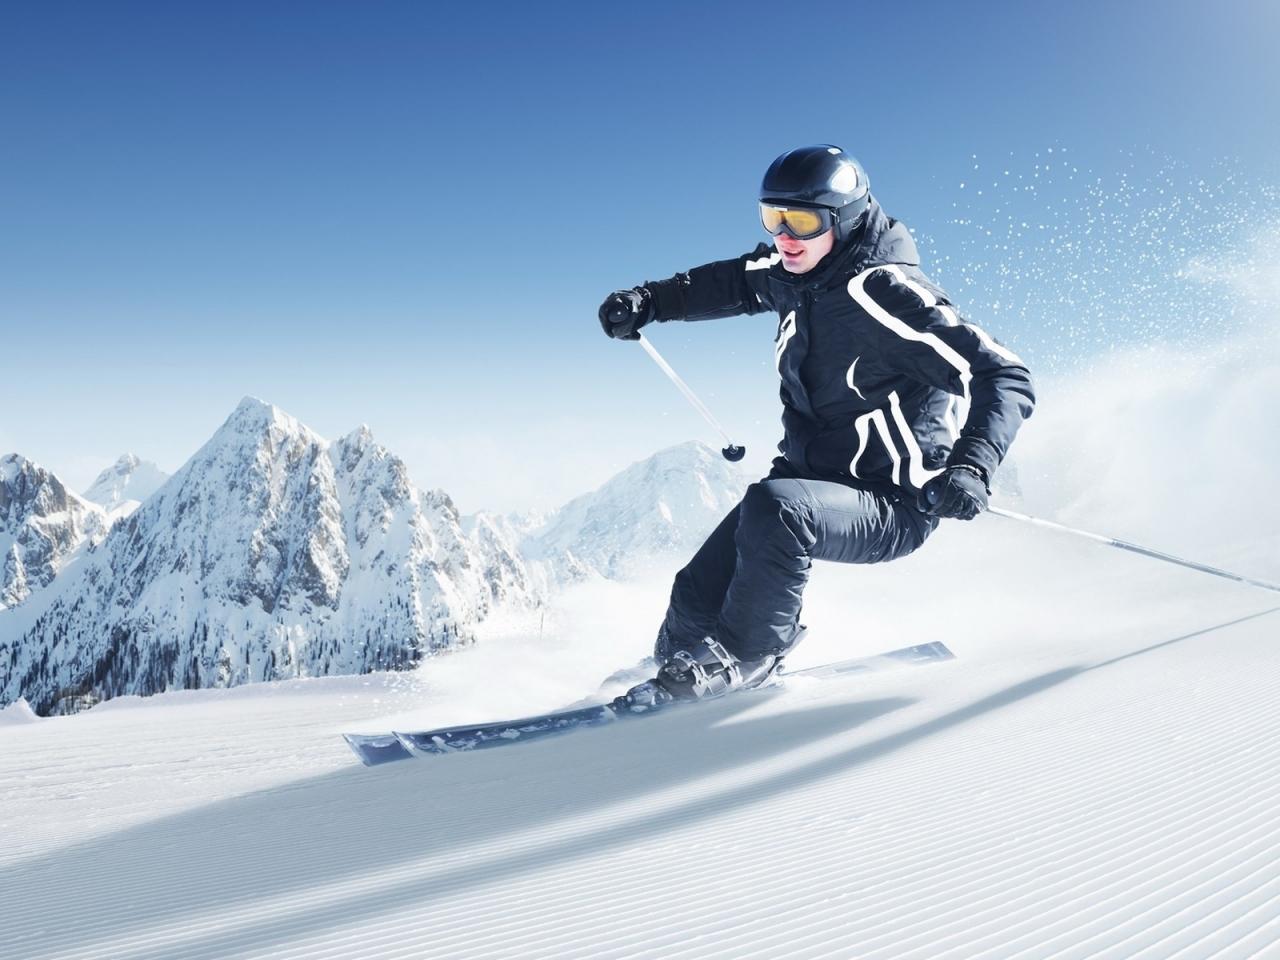 Esquiar en la nieve - 1280x960